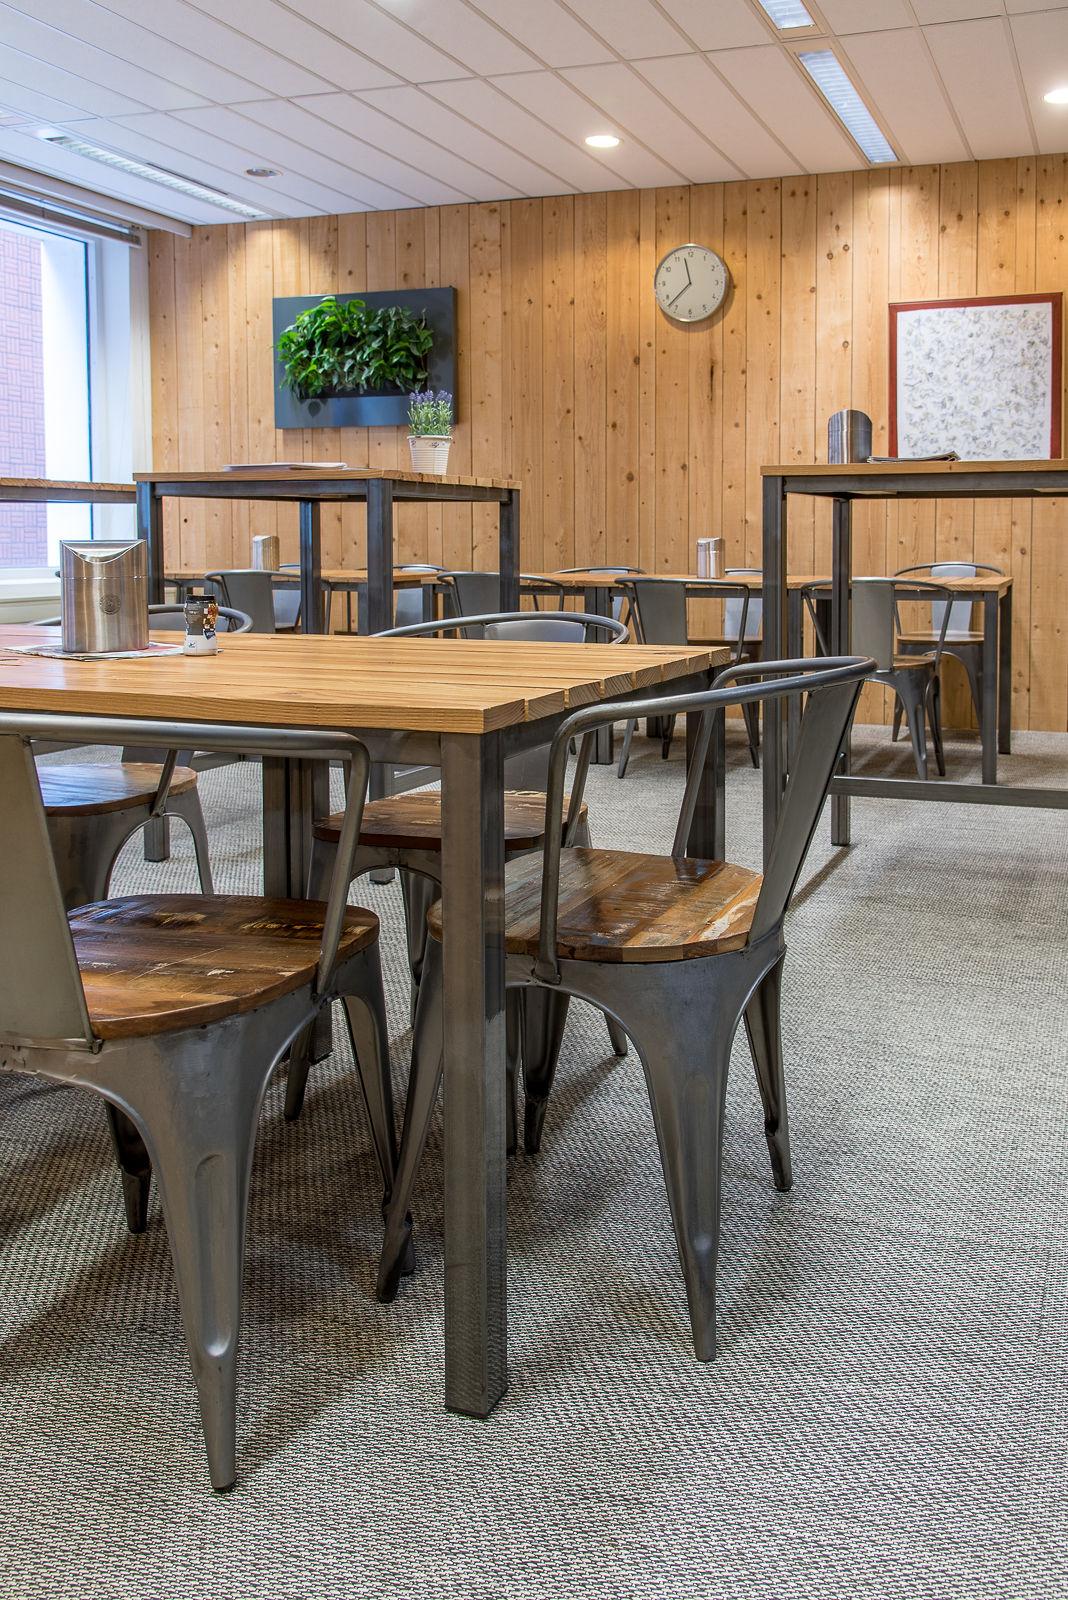 Fotografie projectinrichting ruimte met diverse tafels en stoelen